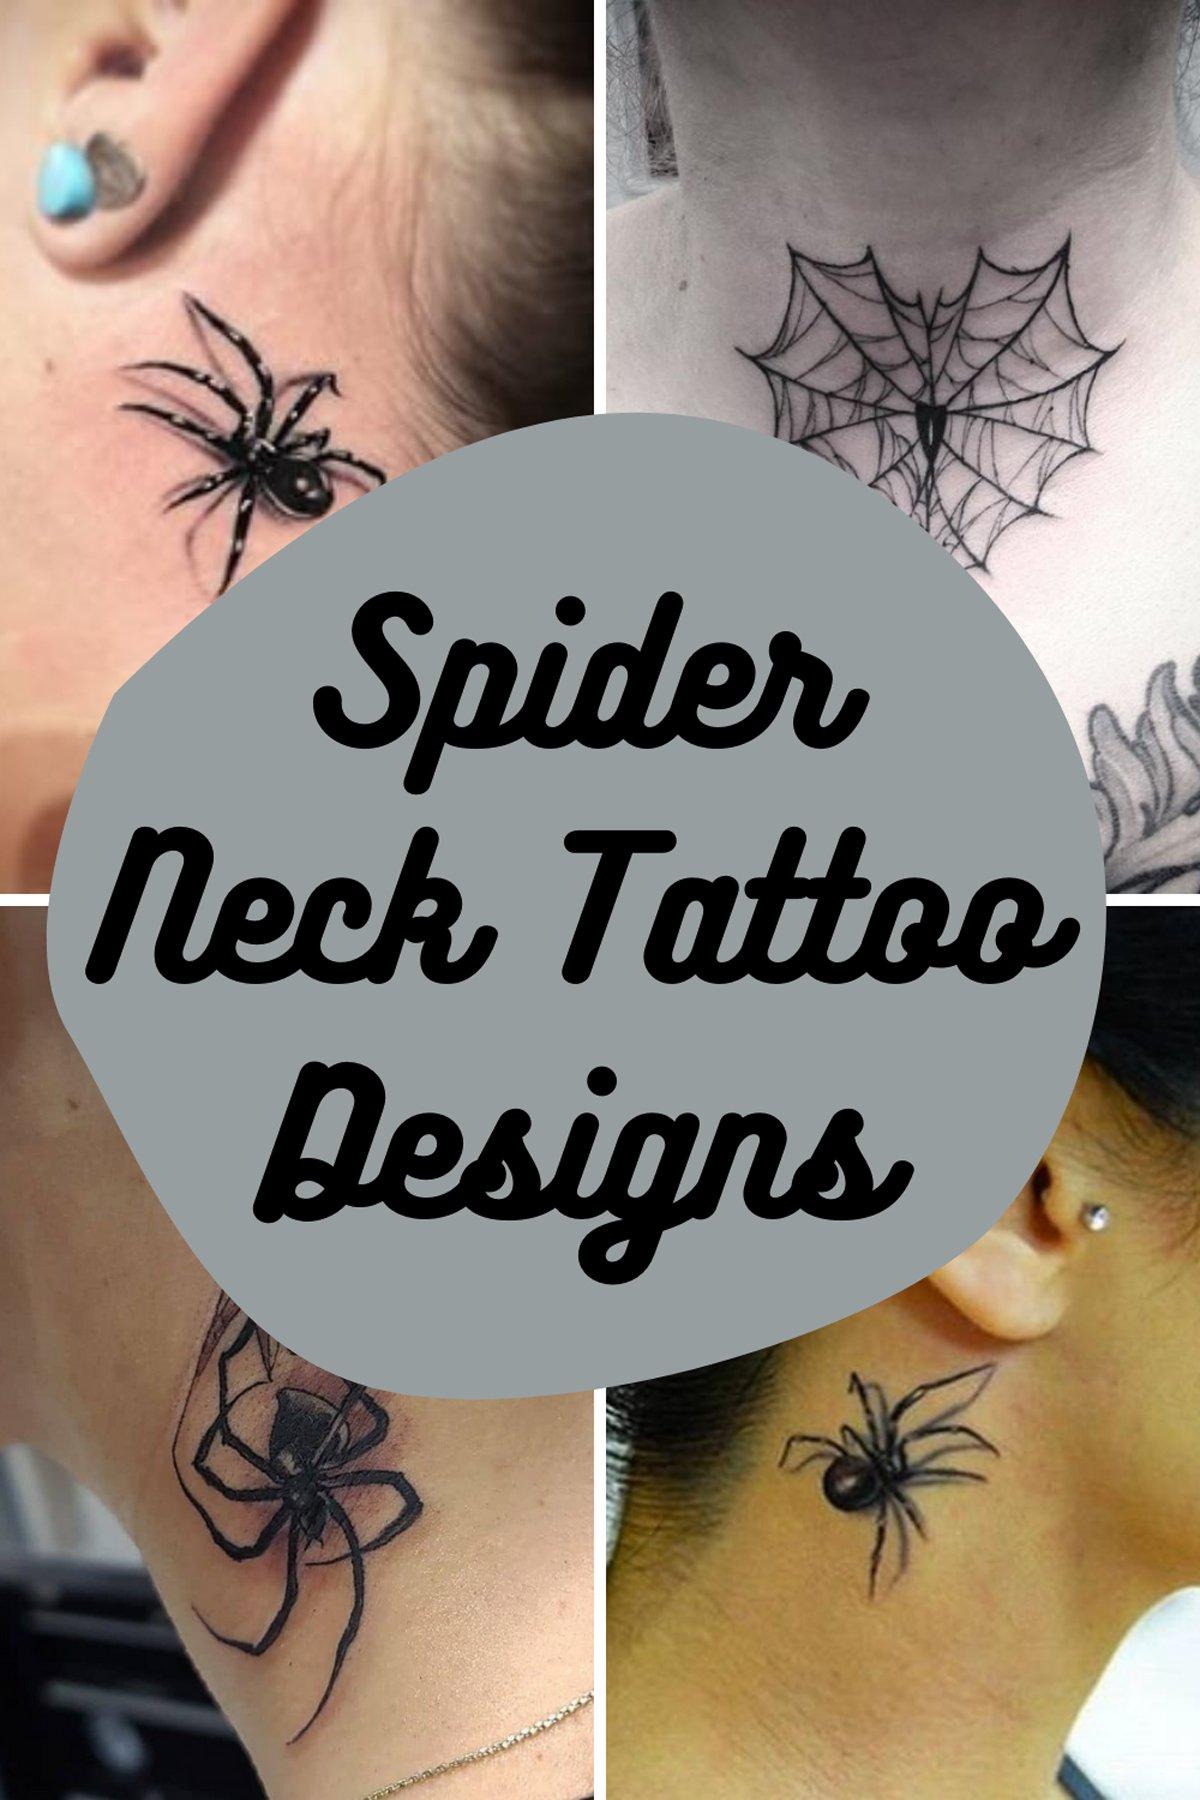 Spider Neck Tattoo Designs